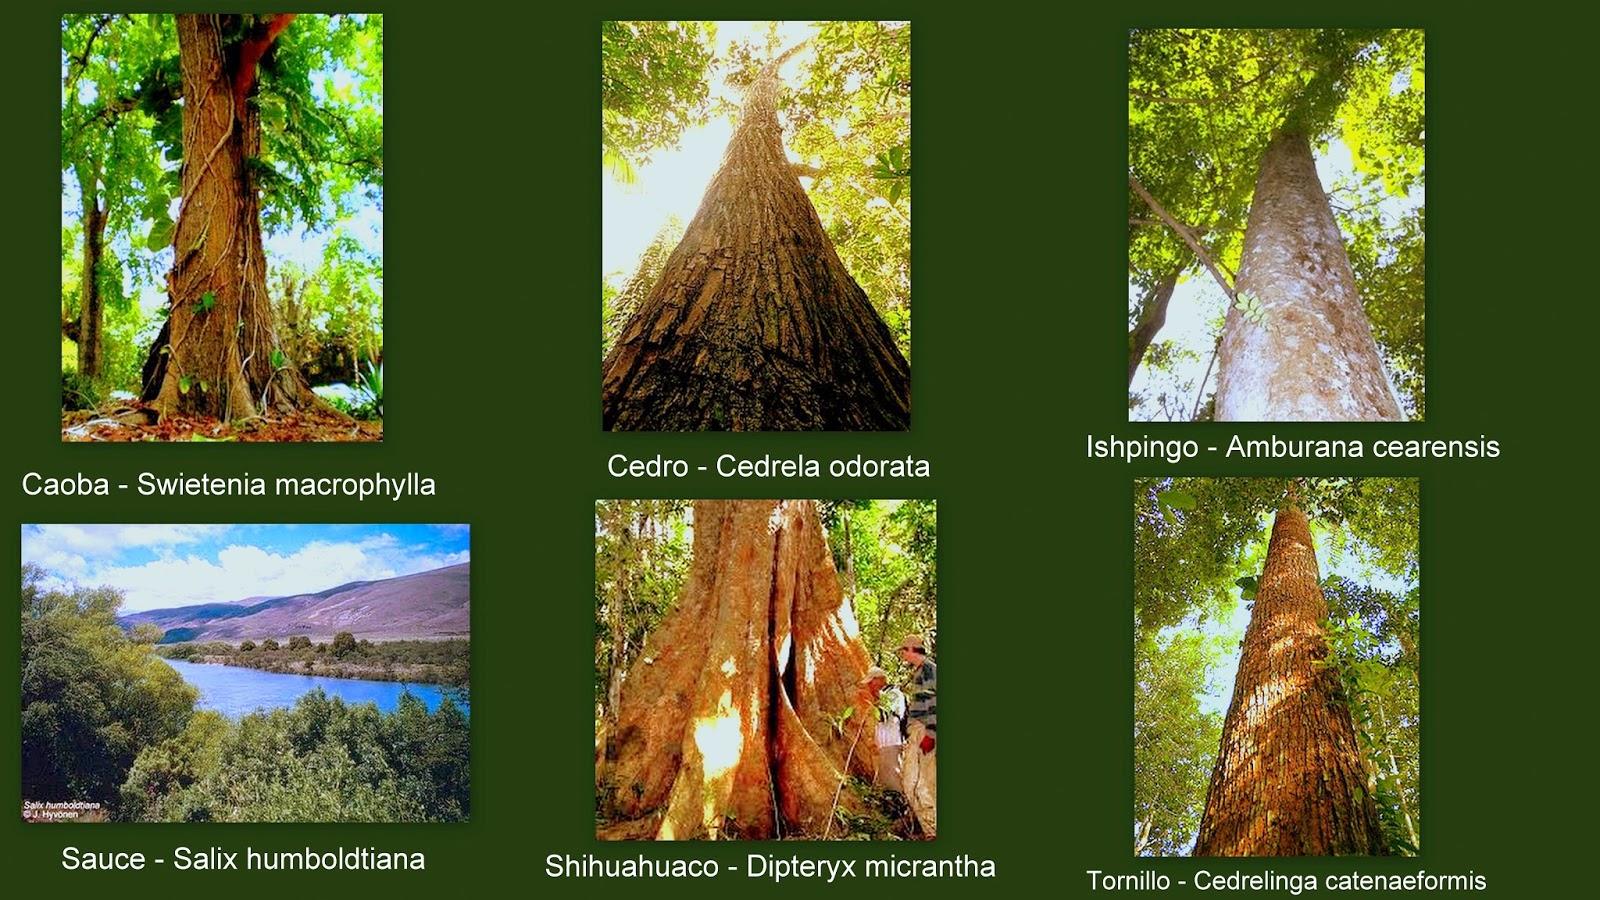 Animales y plantas de per especies forestales del per for Plantas forestales